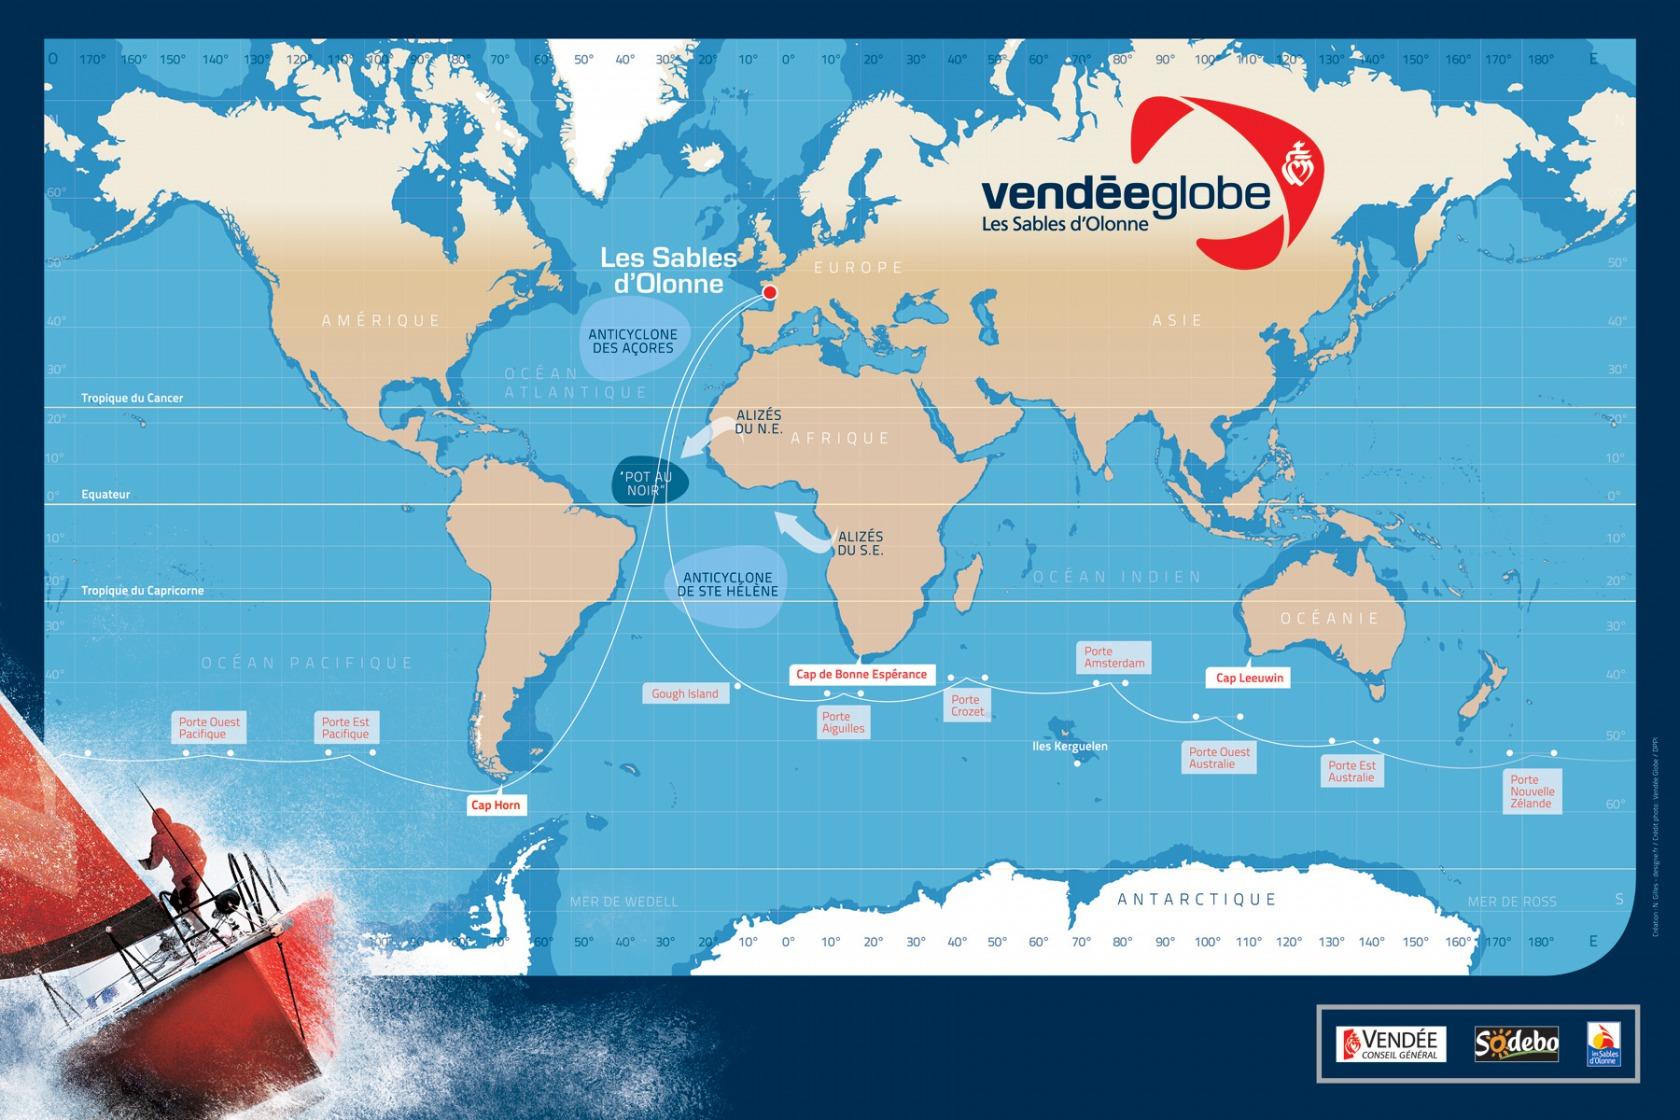 carte du vendée globe 2020 News   Le mot du jour : porte des glaces   Vendée Globe